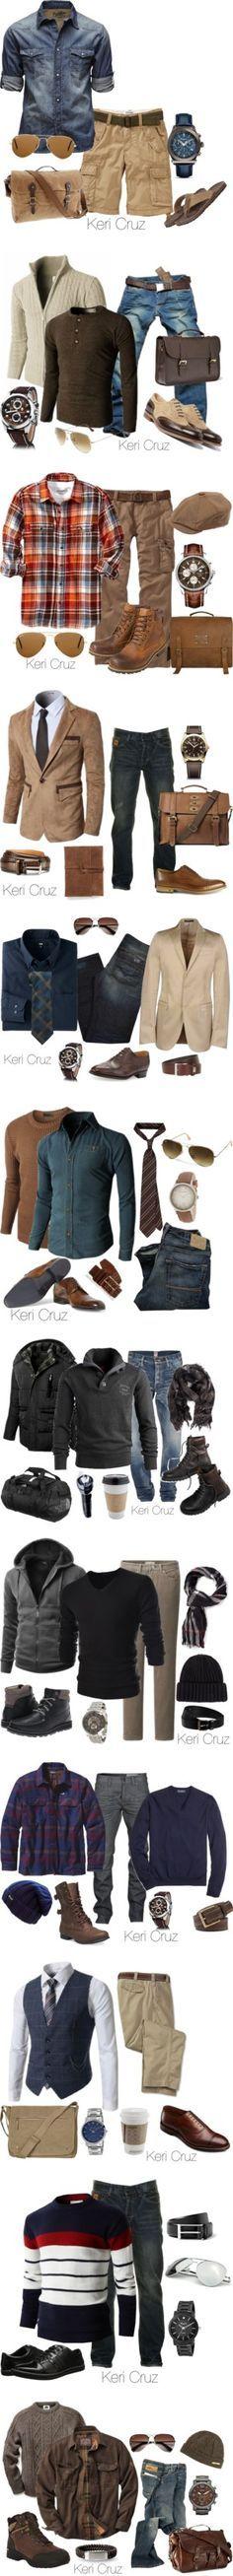 Vários tipos de combinações de roupa